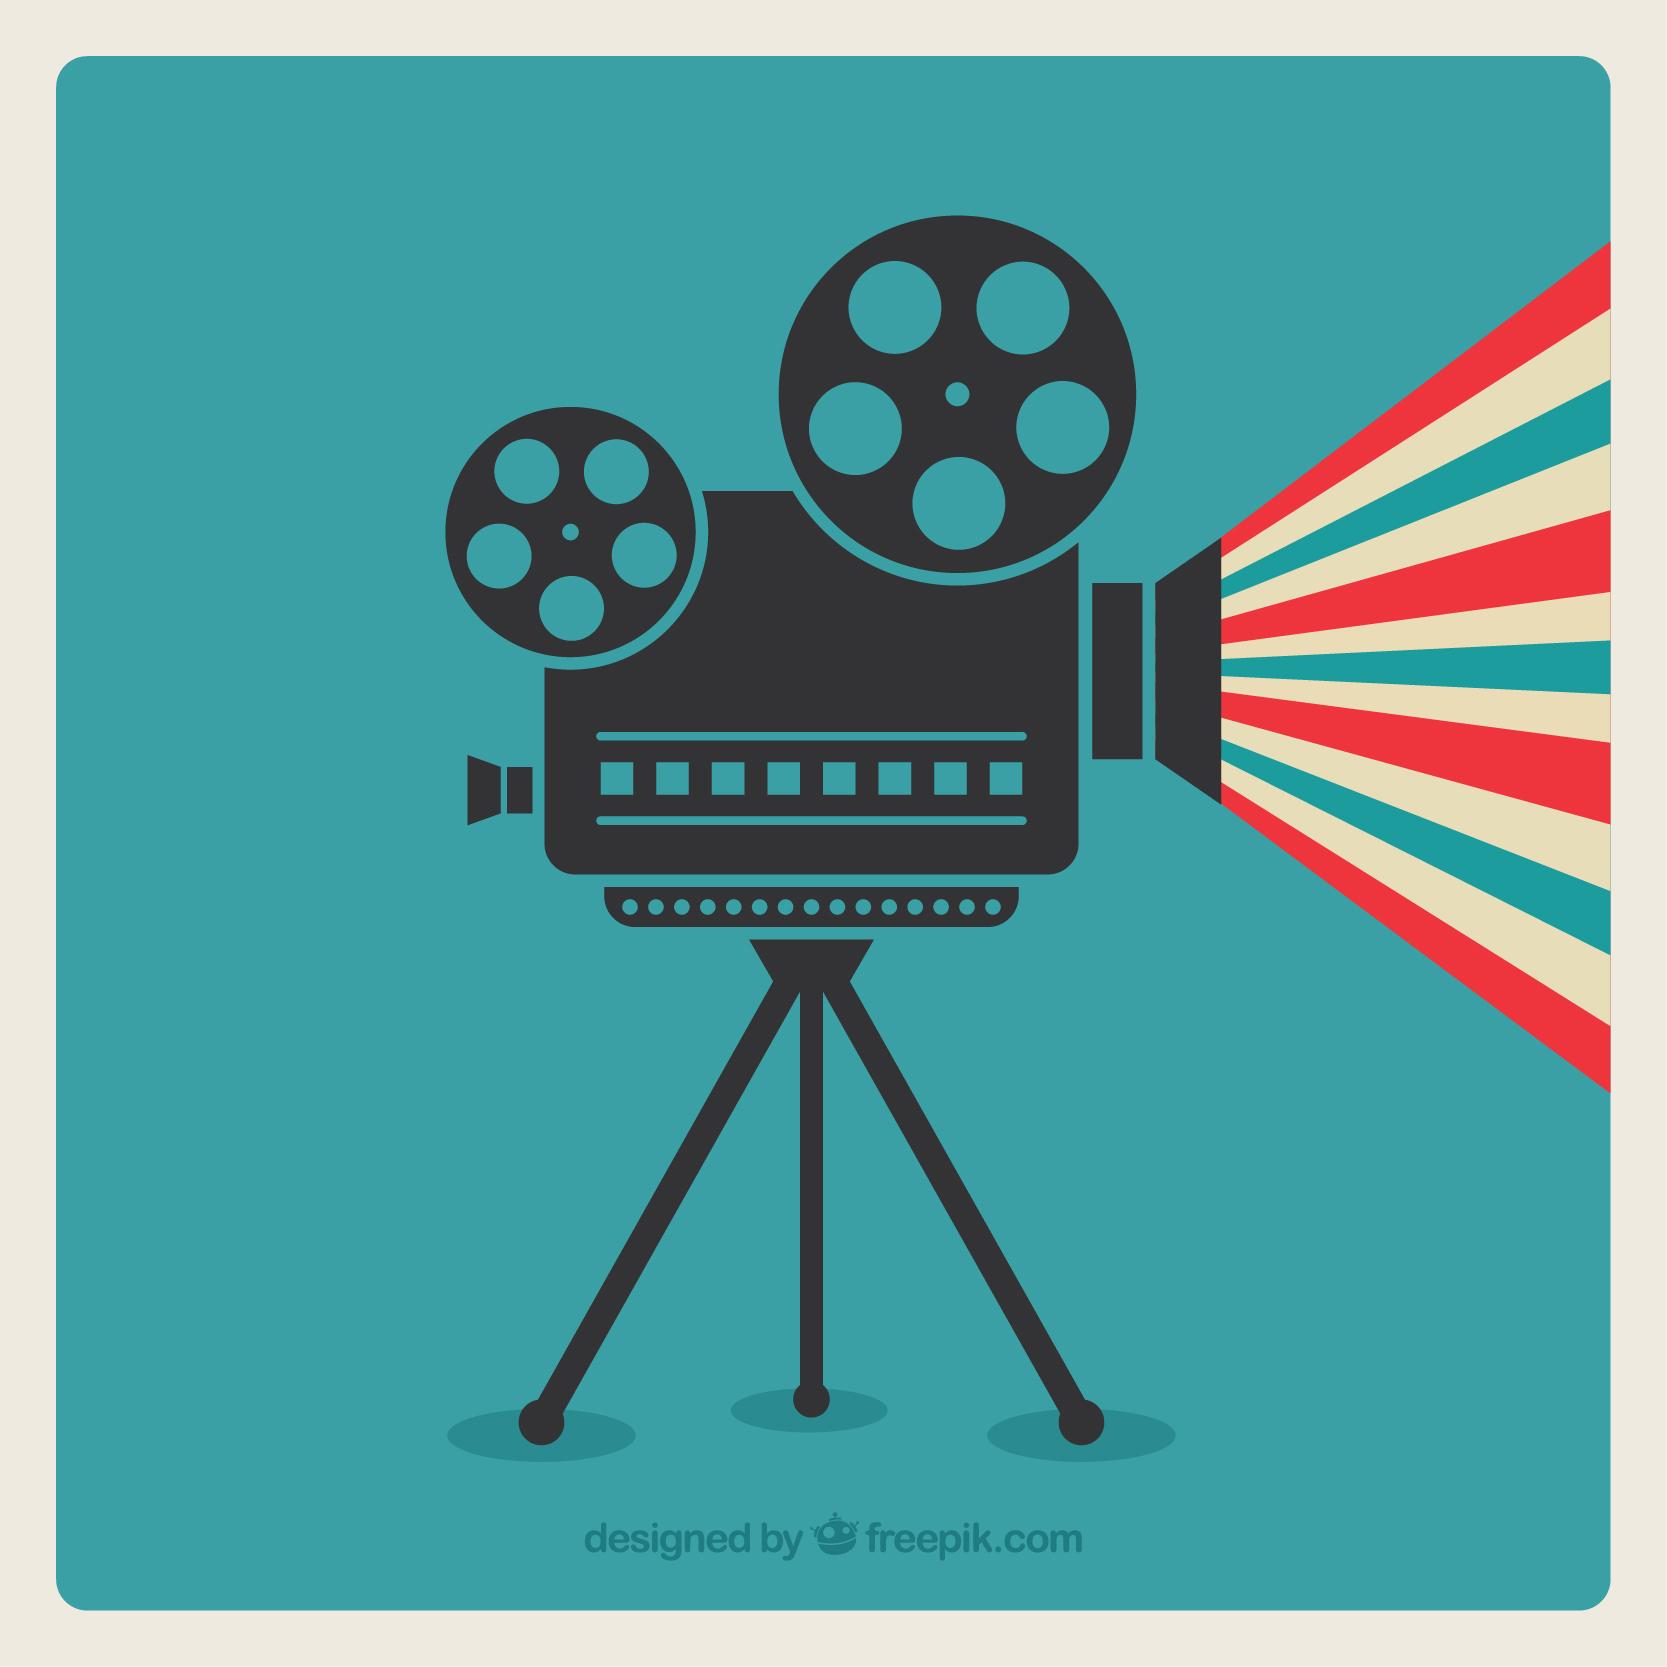 סרט תדמית לעסקים - משתלם?